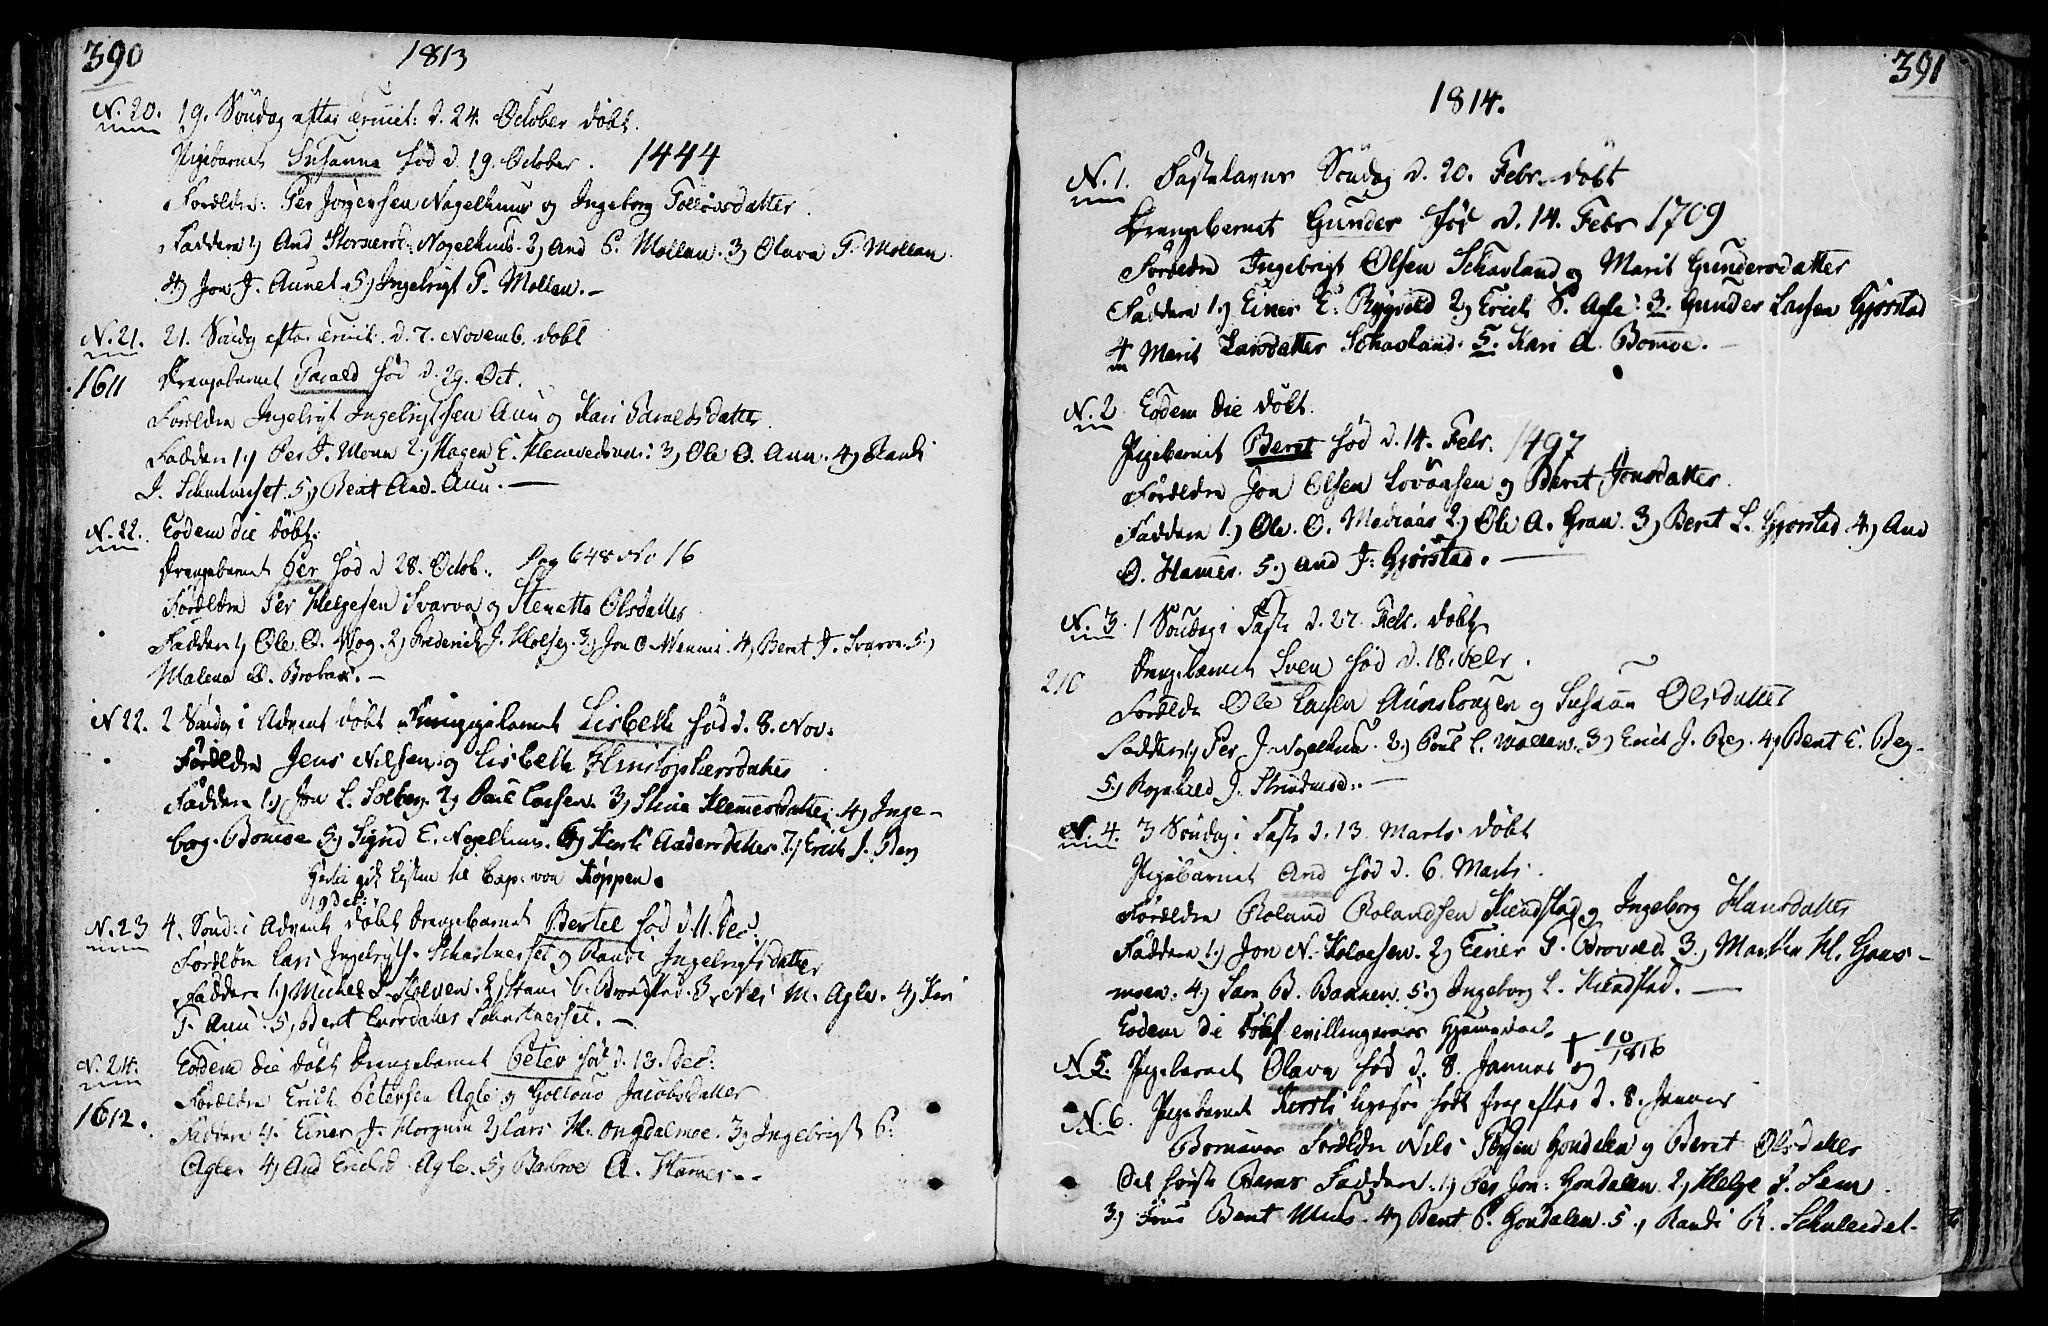 SAT, Ministerialprotokoller, klokkerbøker og fødselsregistre - Nord-Trøndelag, 749/L0468: Ministerialbok nr. 749A02, 1787-1817, s. 390-391